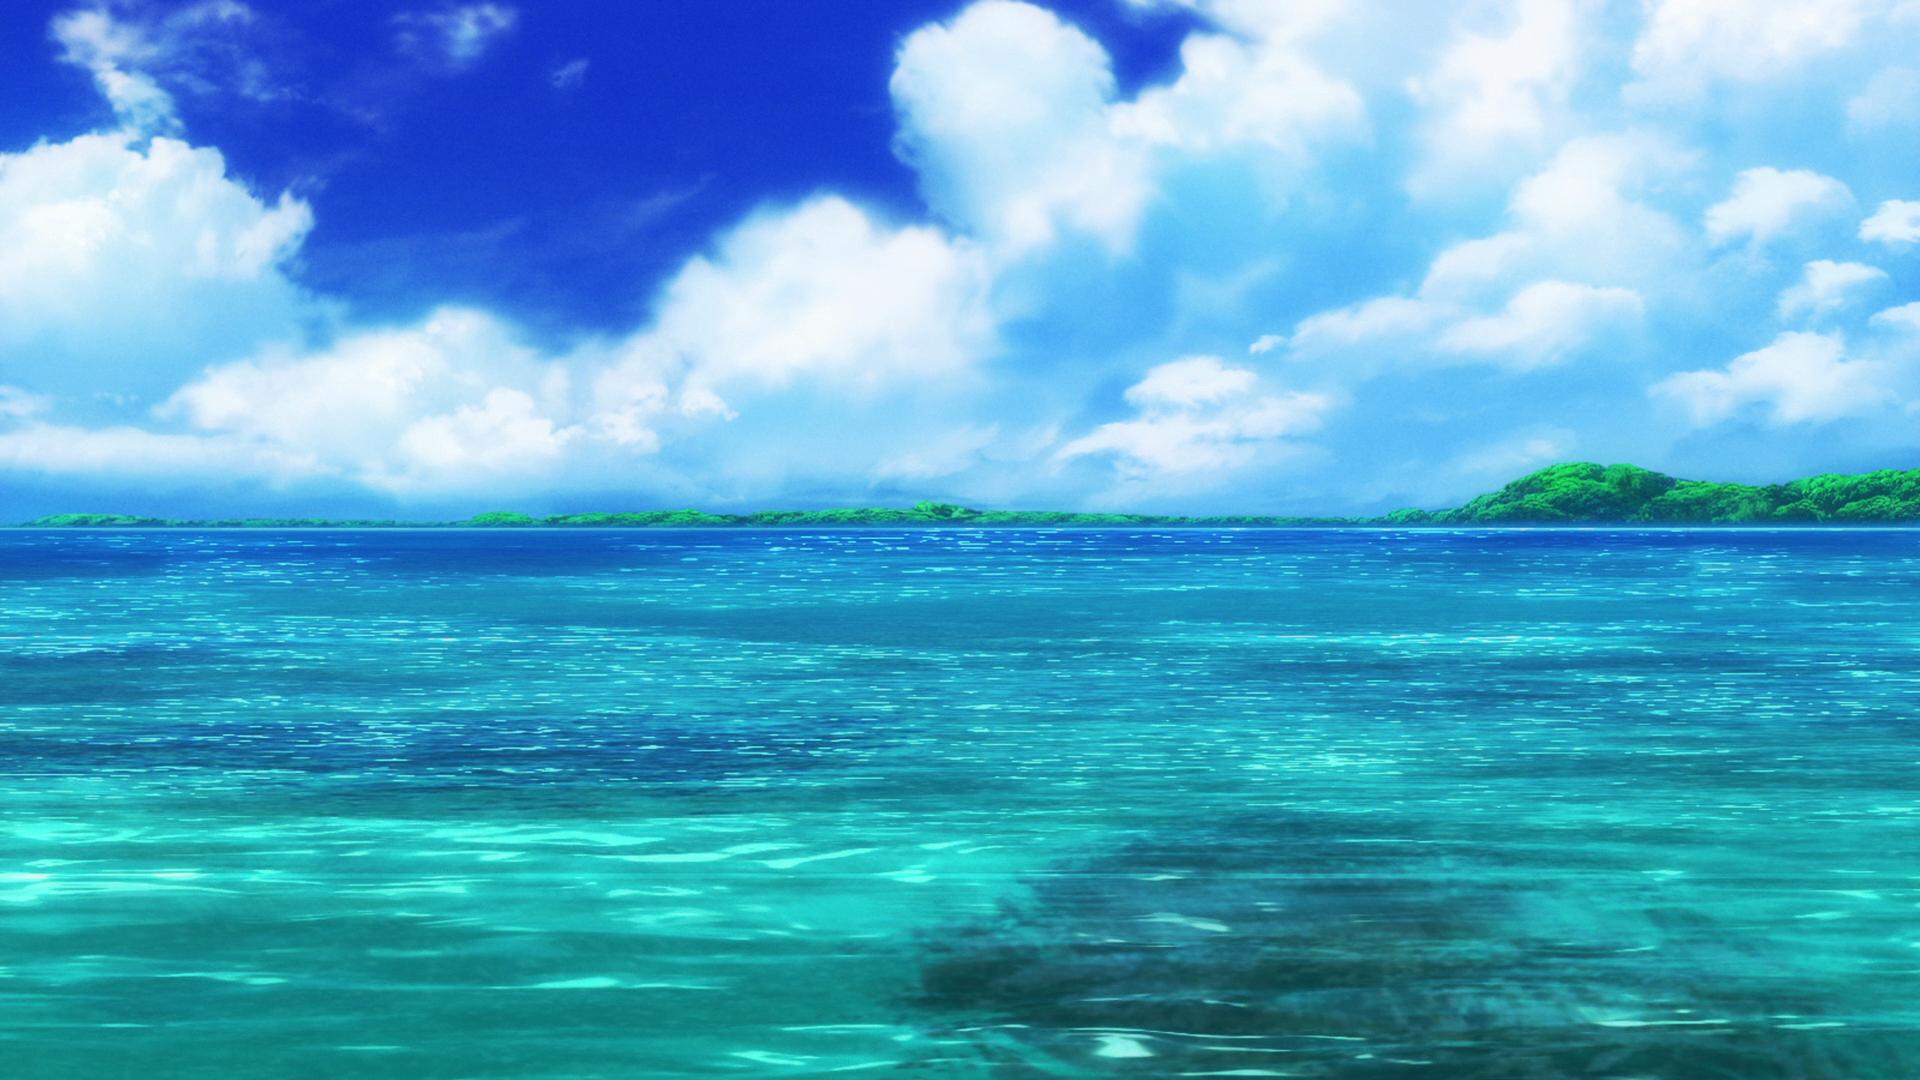 Non Non Biyori Nature Sea Anime 1920x1080 Wallpaper